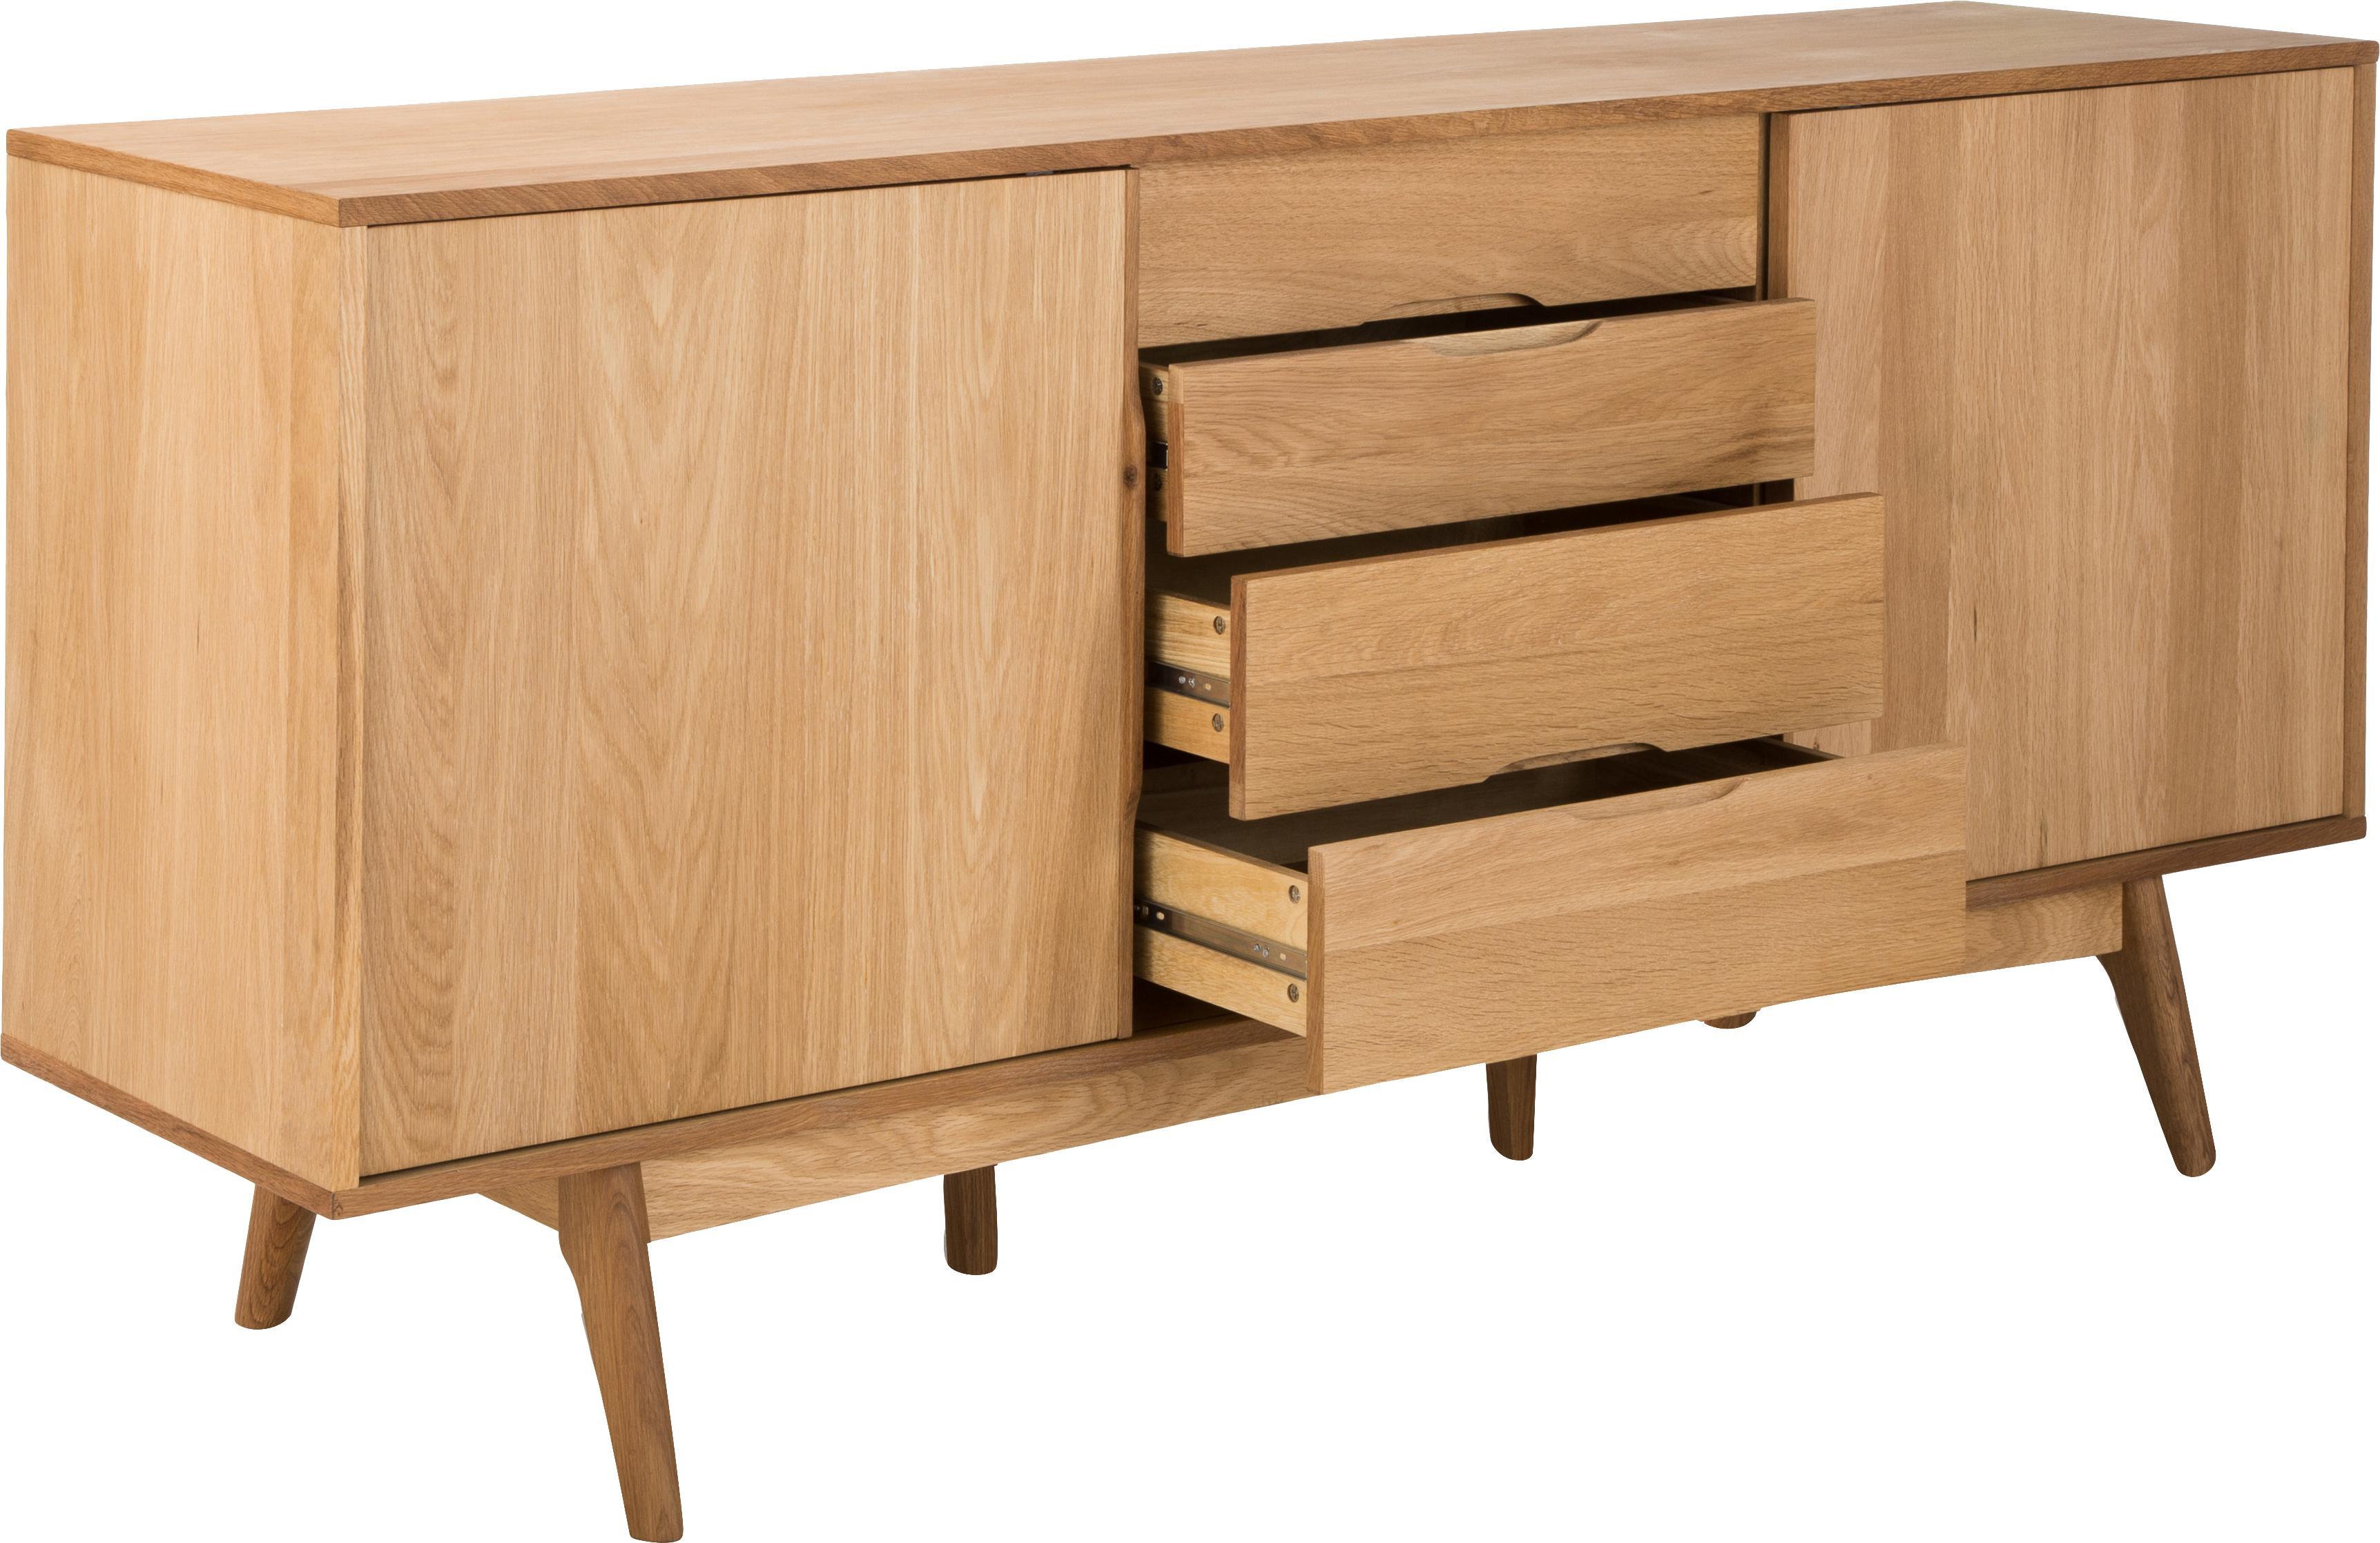 Sideboard Bettina mit Eichenholzfurnier, Korpus: Mitteldichte Holzfaserpla, Füße: Eiche massiv, geölt, Braun, 180 x 84 cm